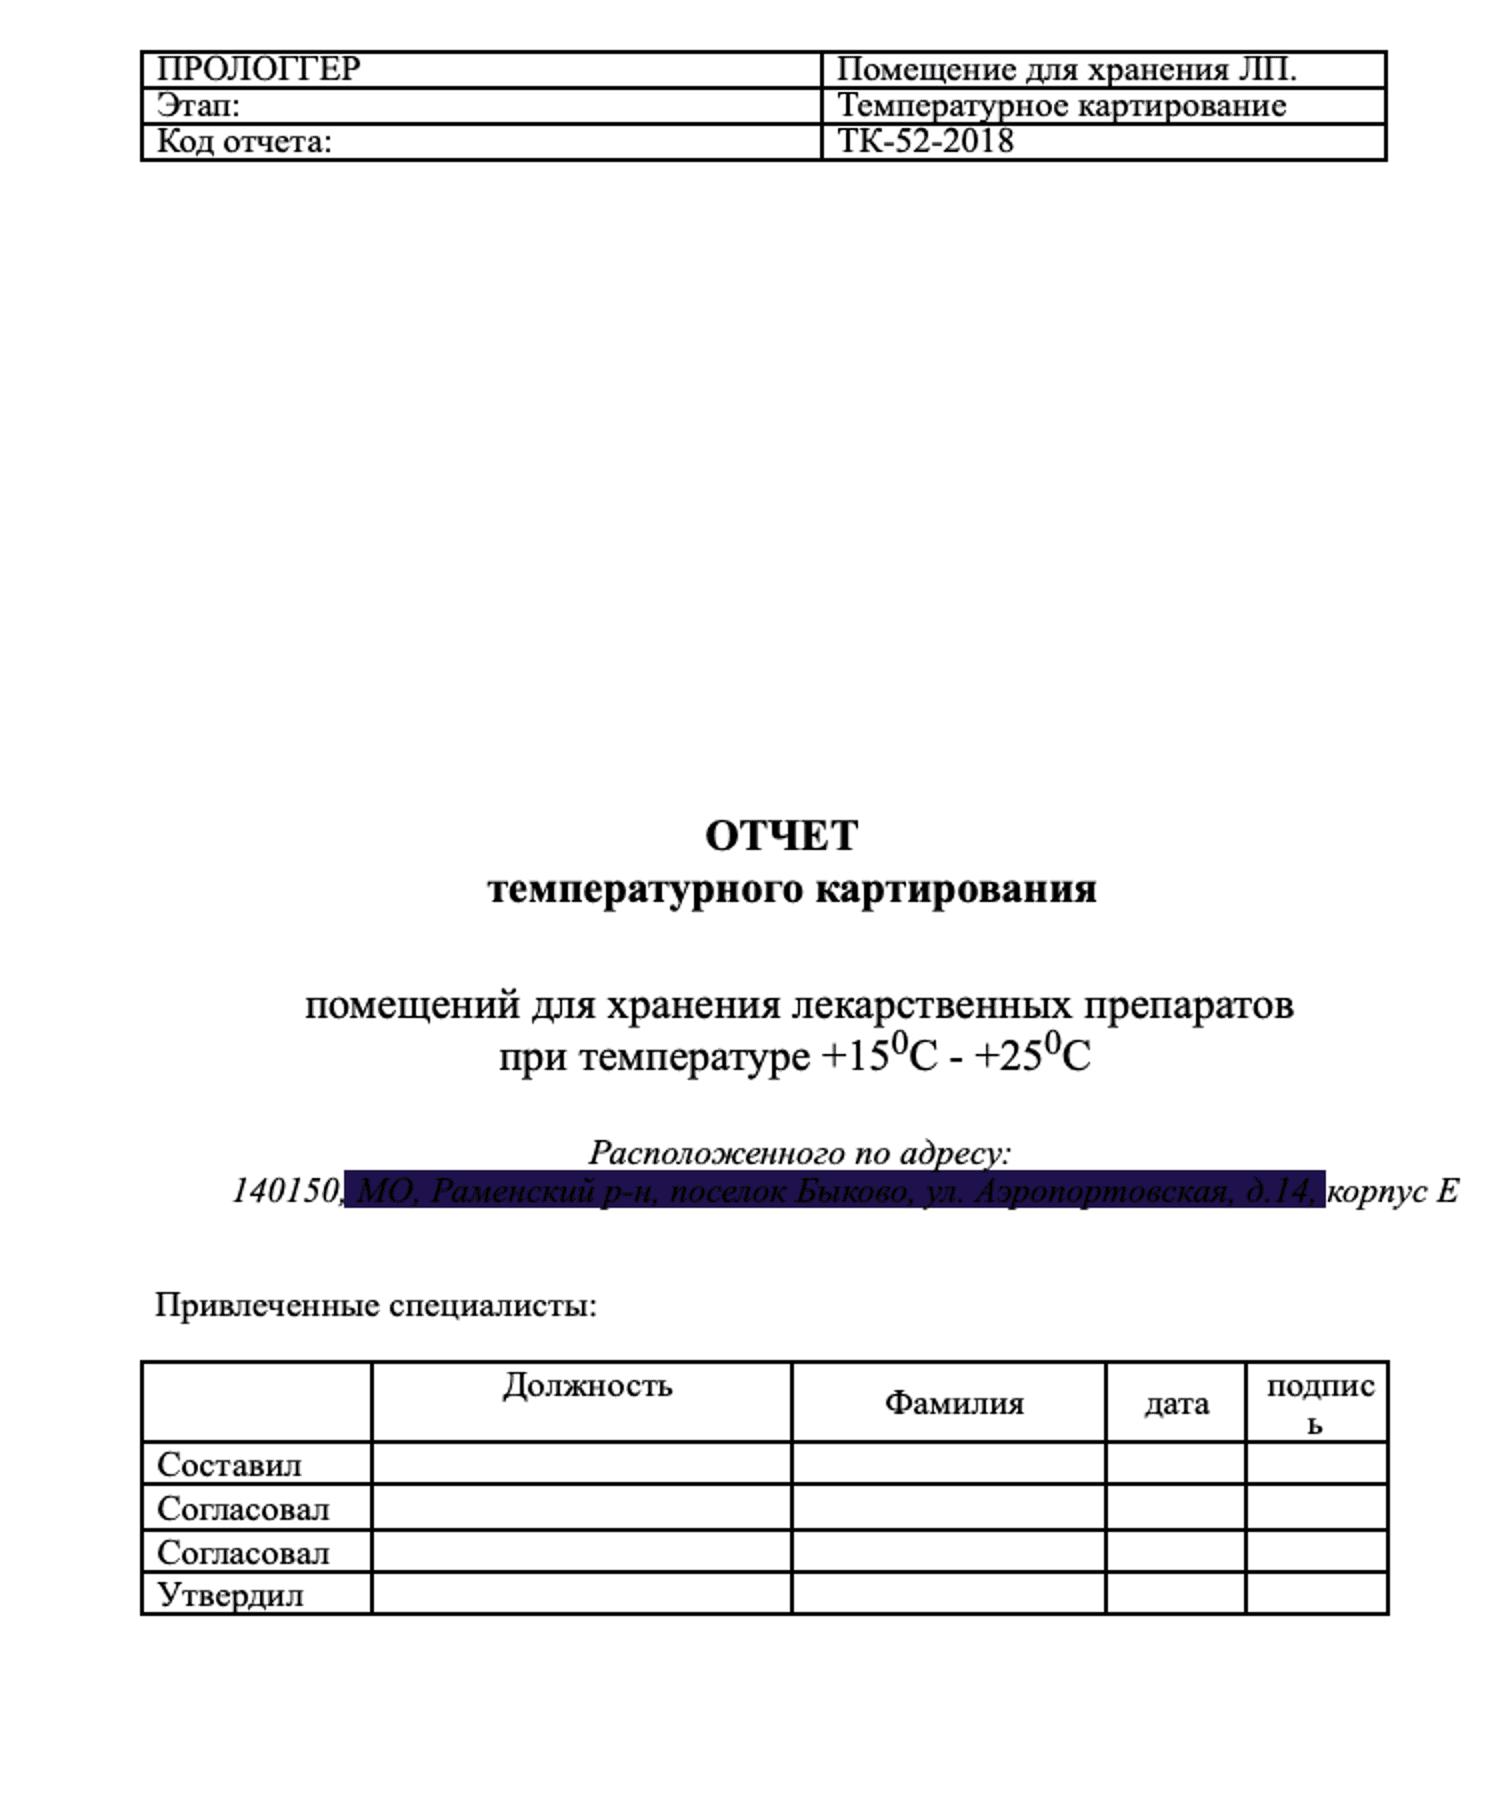 temperaturnoe-kartirovanie-farmacevticheskogo-sklada